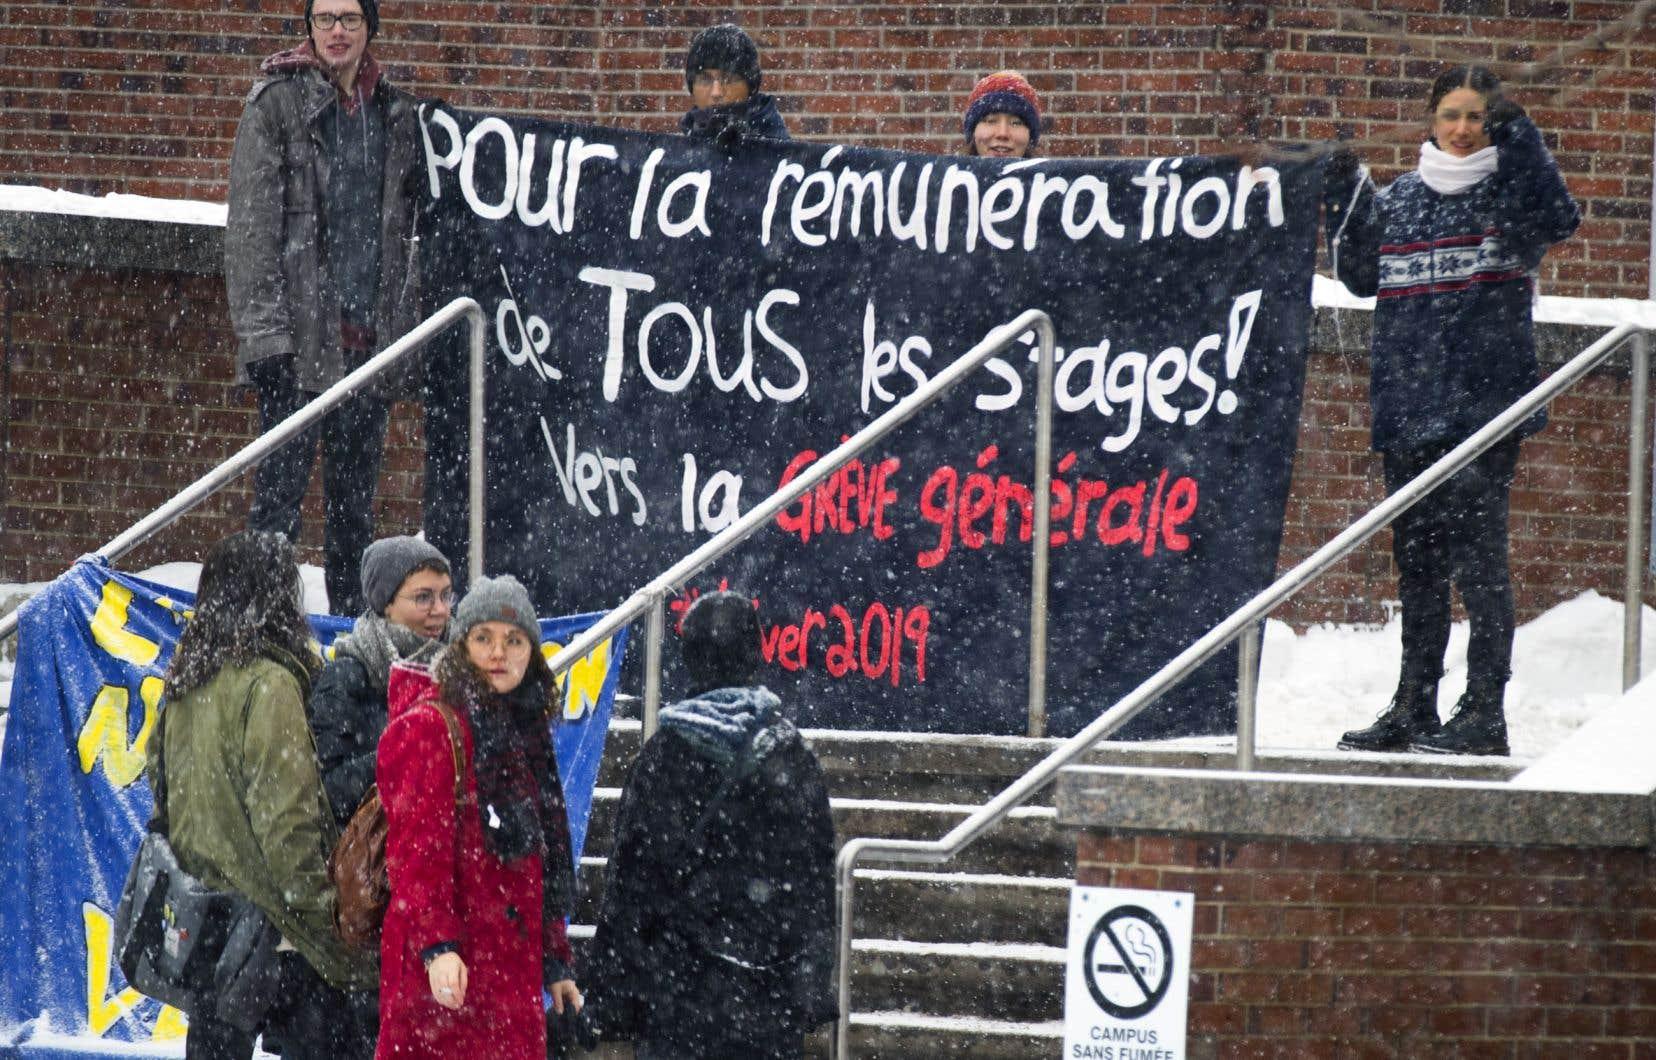 Les étudiants en grève revendiquent la rémunération des stages.